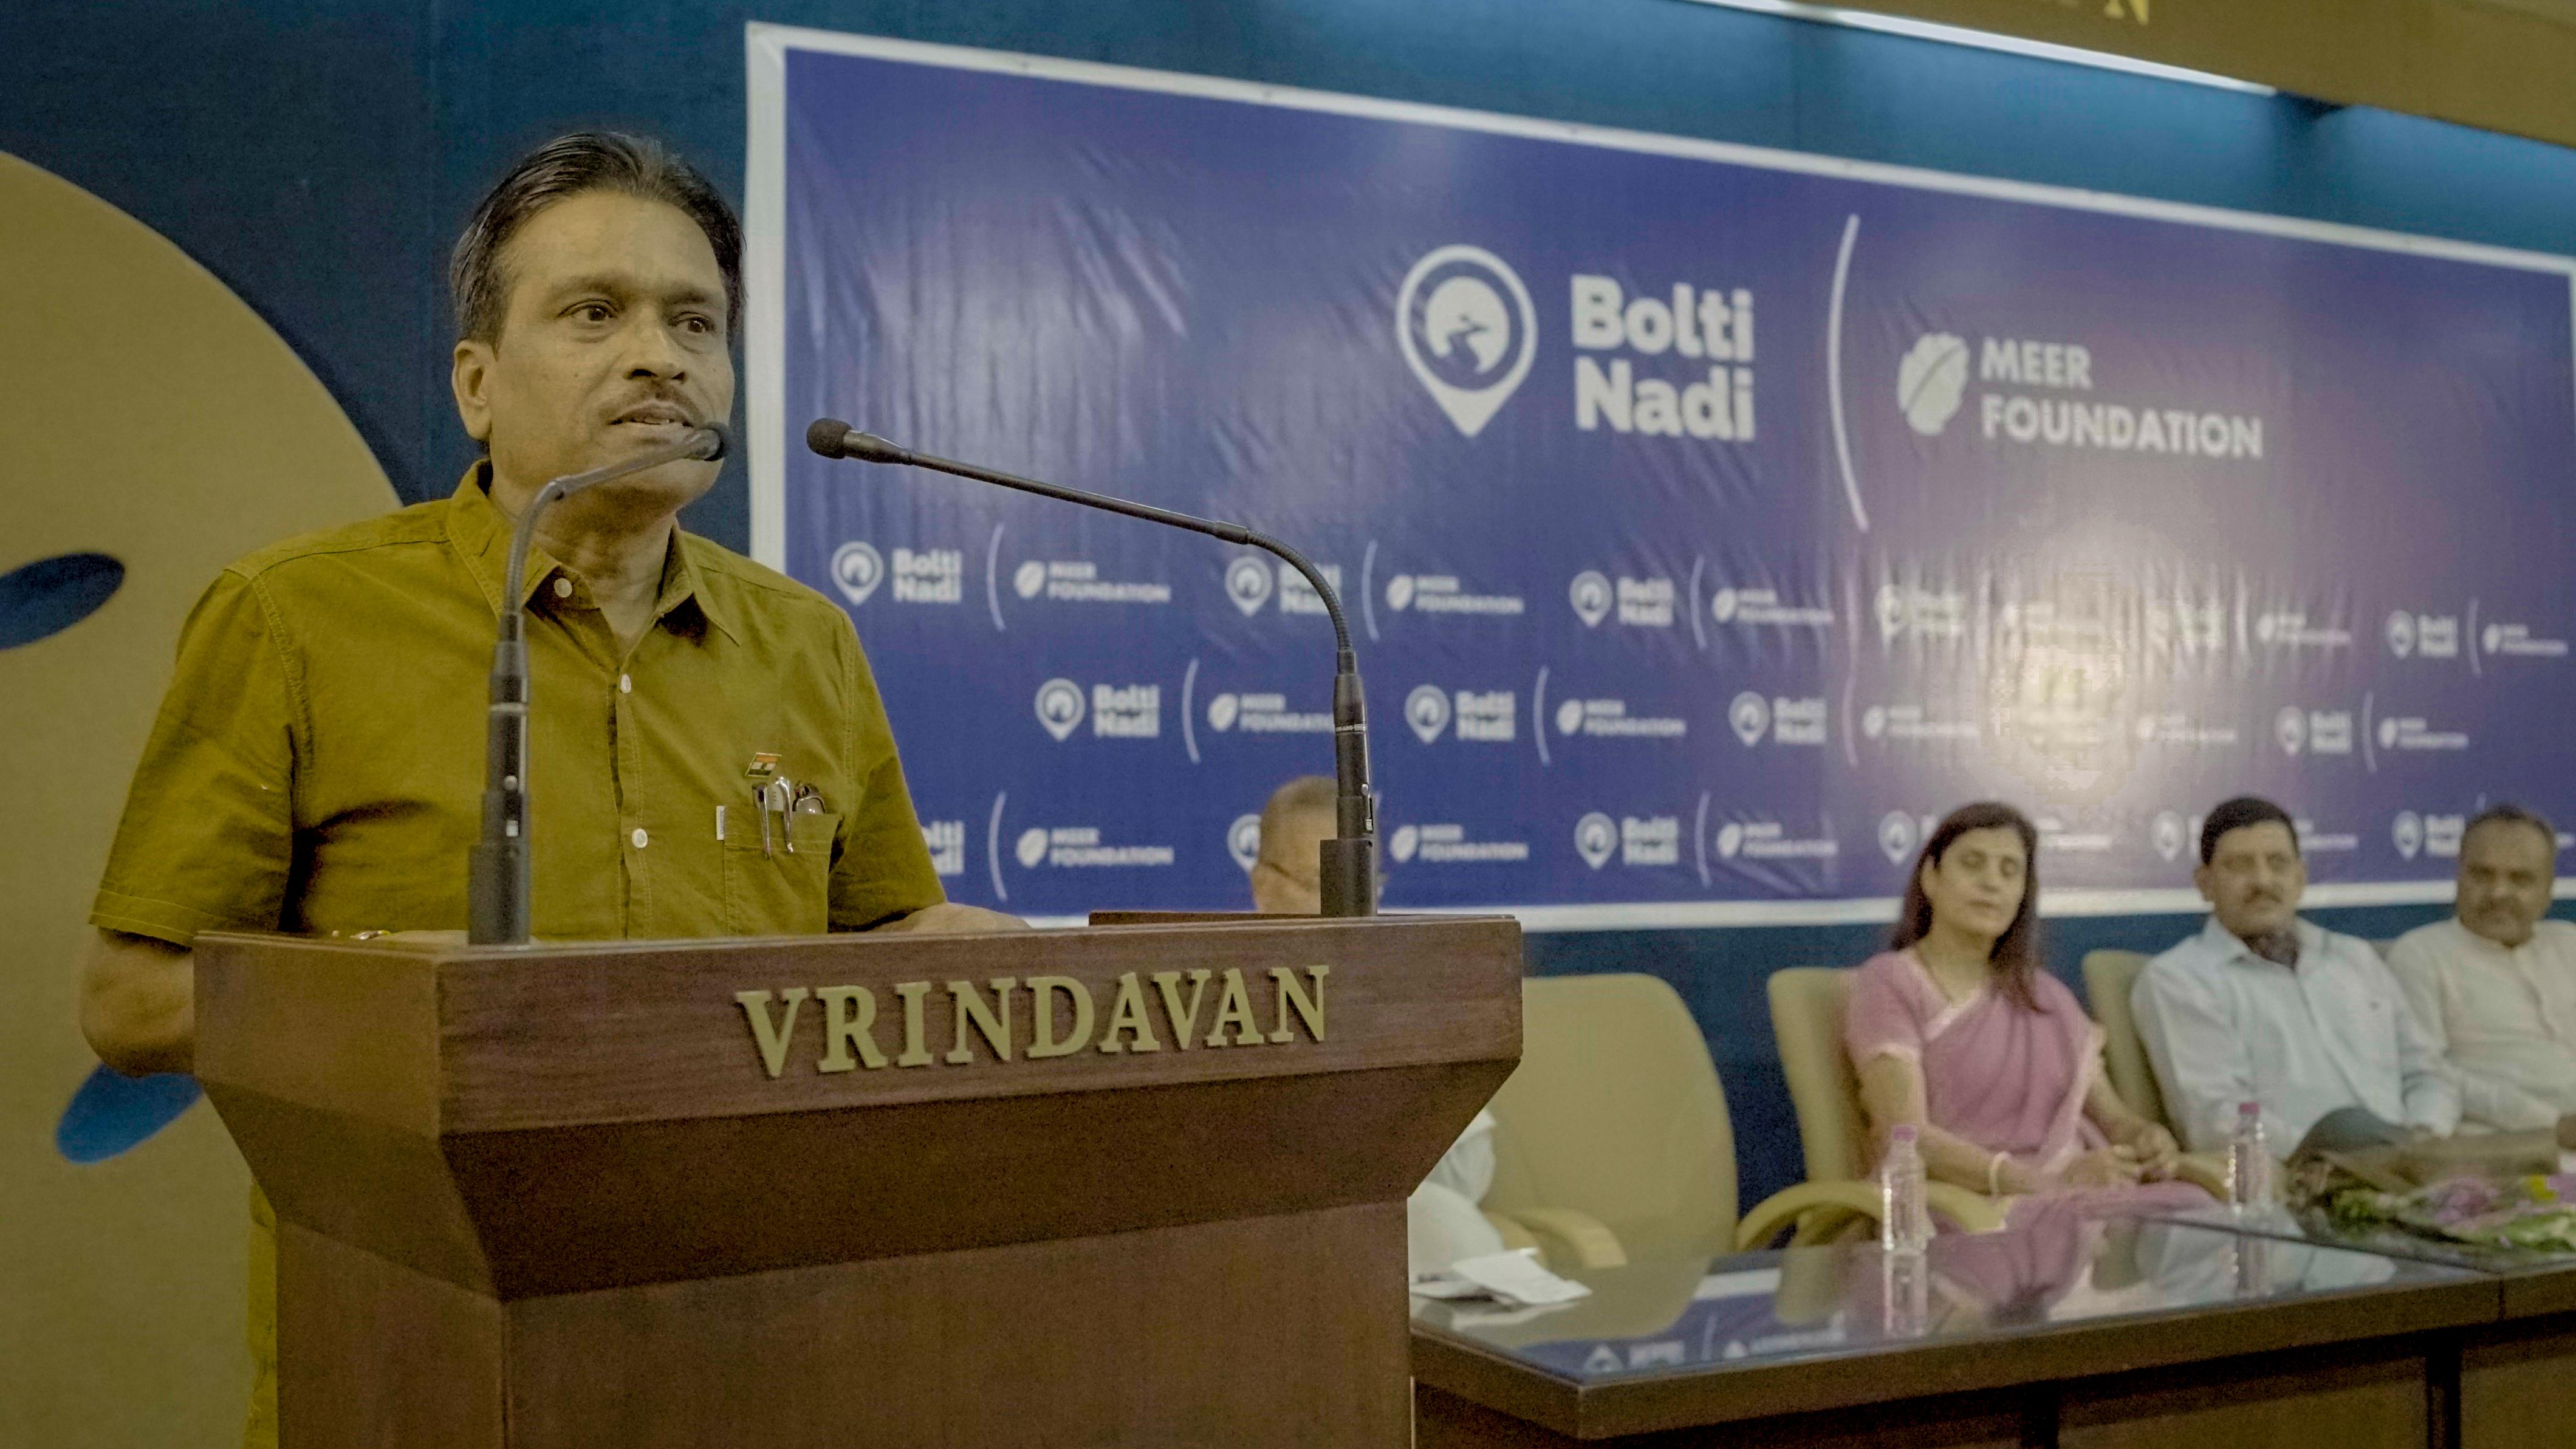 Meer Foundation's Bolti Nadi Conclave 2019 Amir Hashmi Kavi Rajesh Jain Rahi